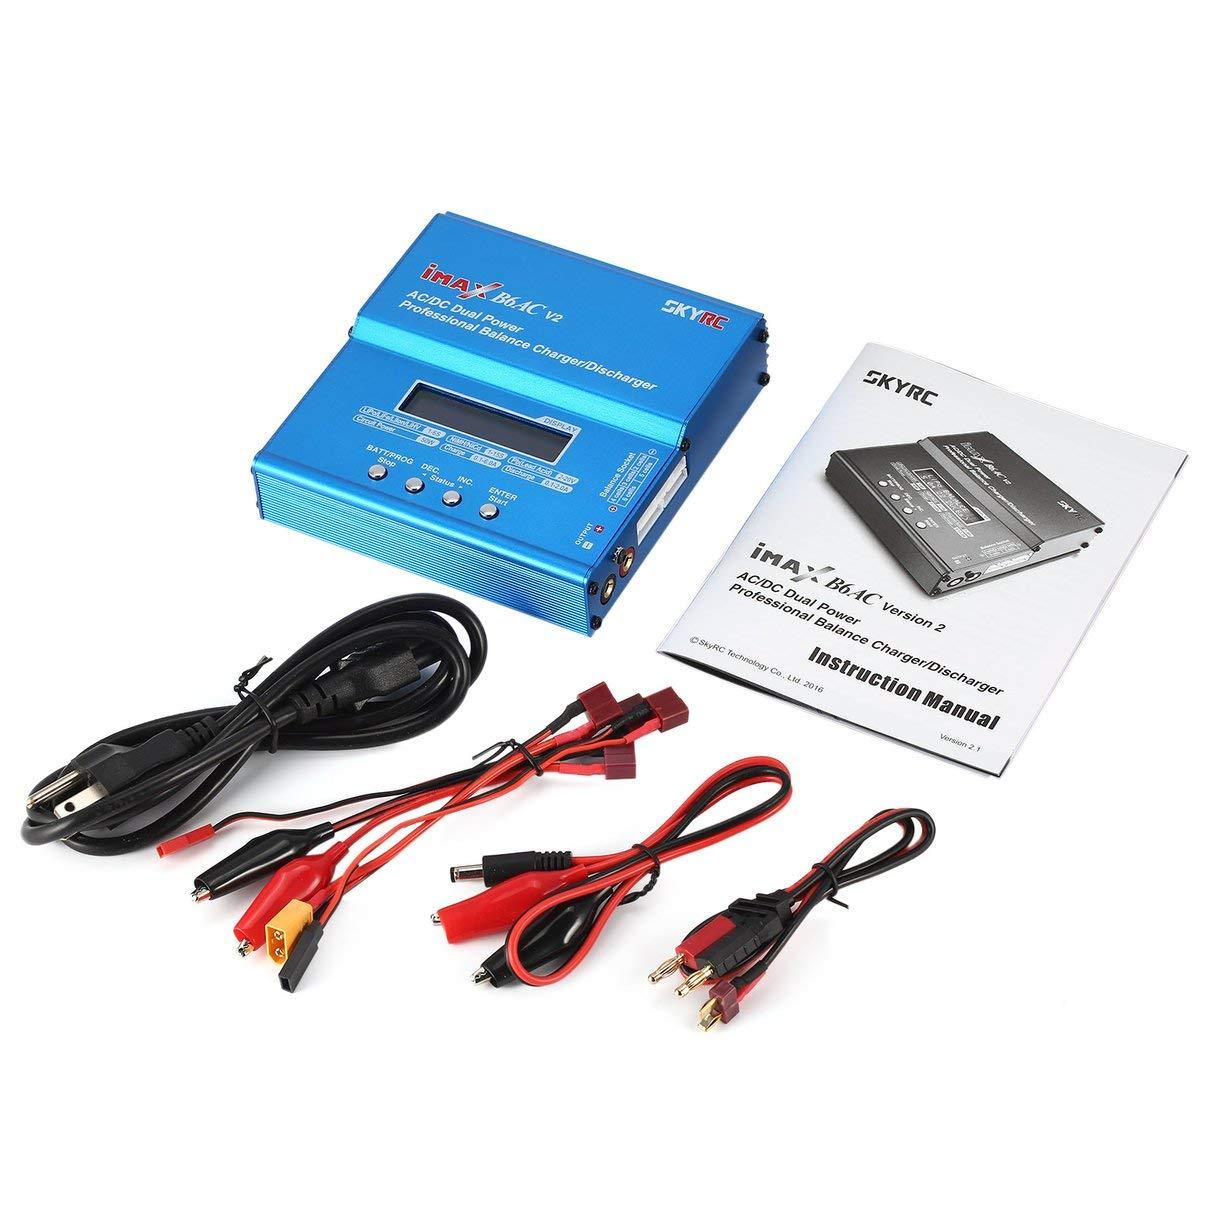 JullyeleDEgant SKYRC iMAX B6AC V2 6A 50 Watt Wechselstrom Ladegerät / Entlader für Lipo NiMH Pb Waage mit Adapter LCD Anzeige für RC Car Drone Hubschrauber